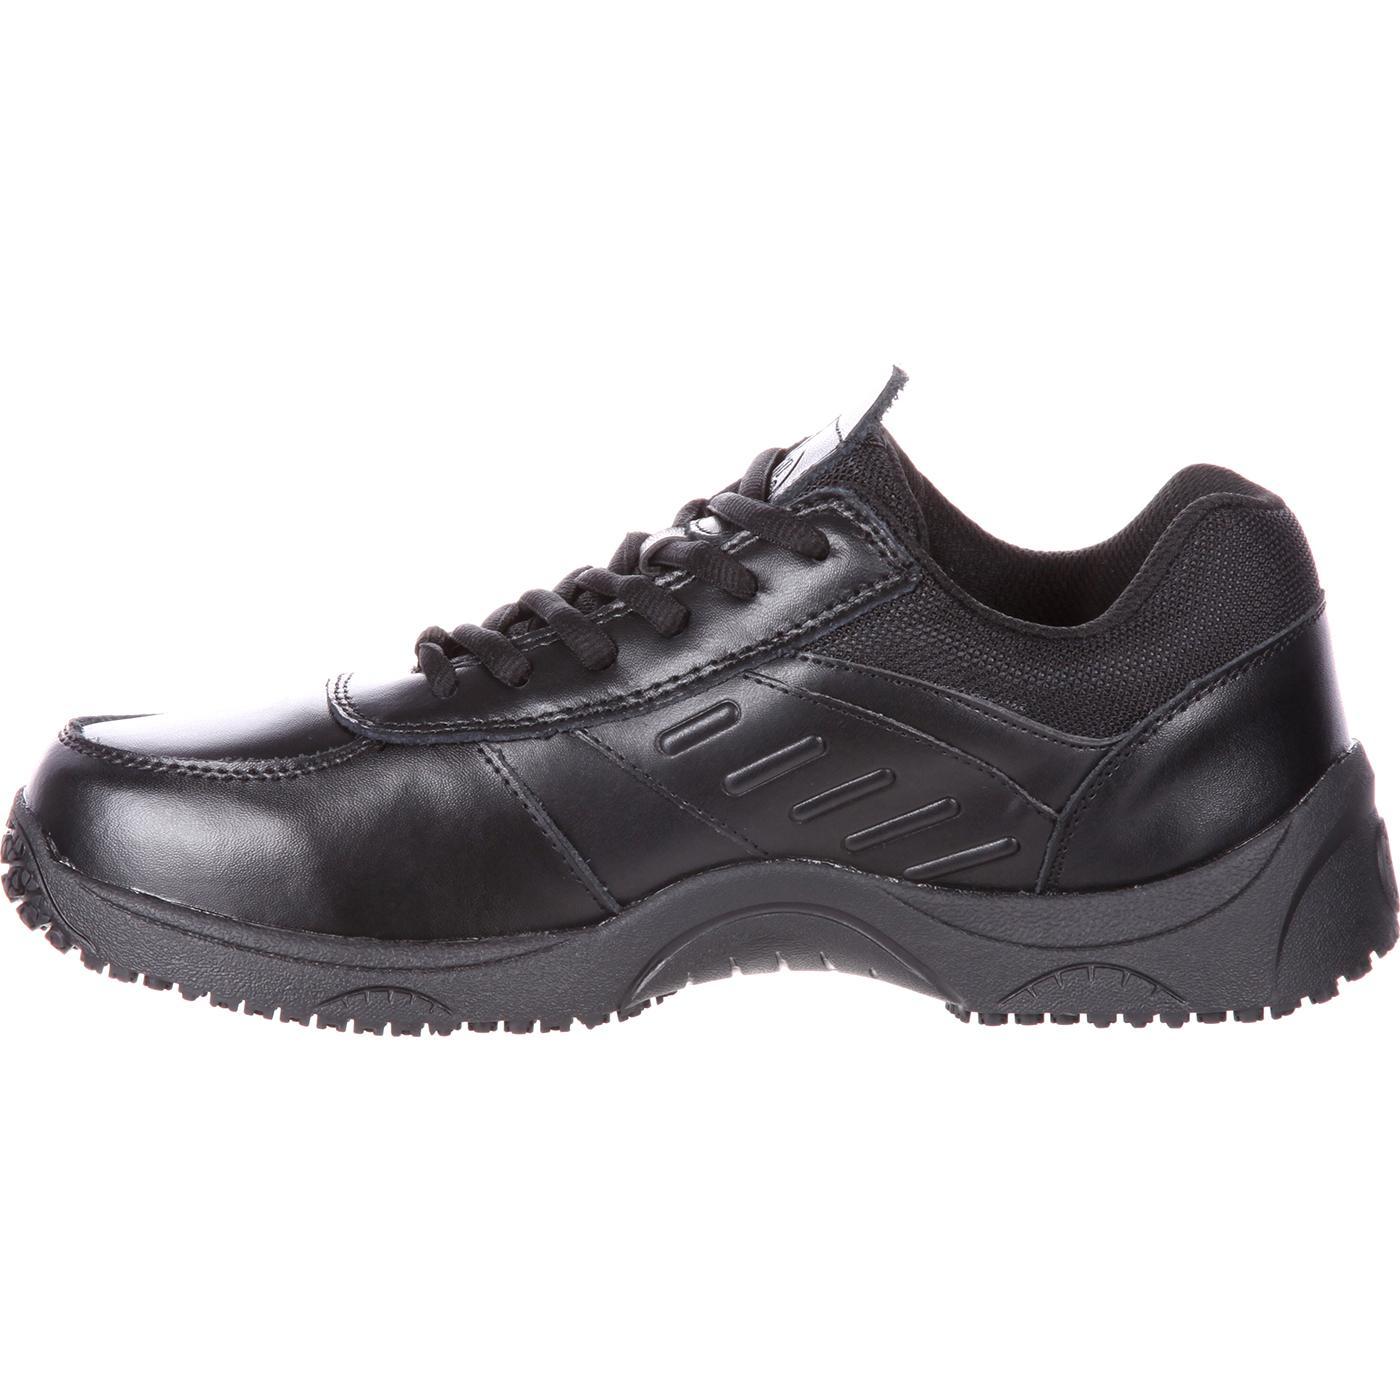 slipgrips s slip resistant black athletic shoe sg7520